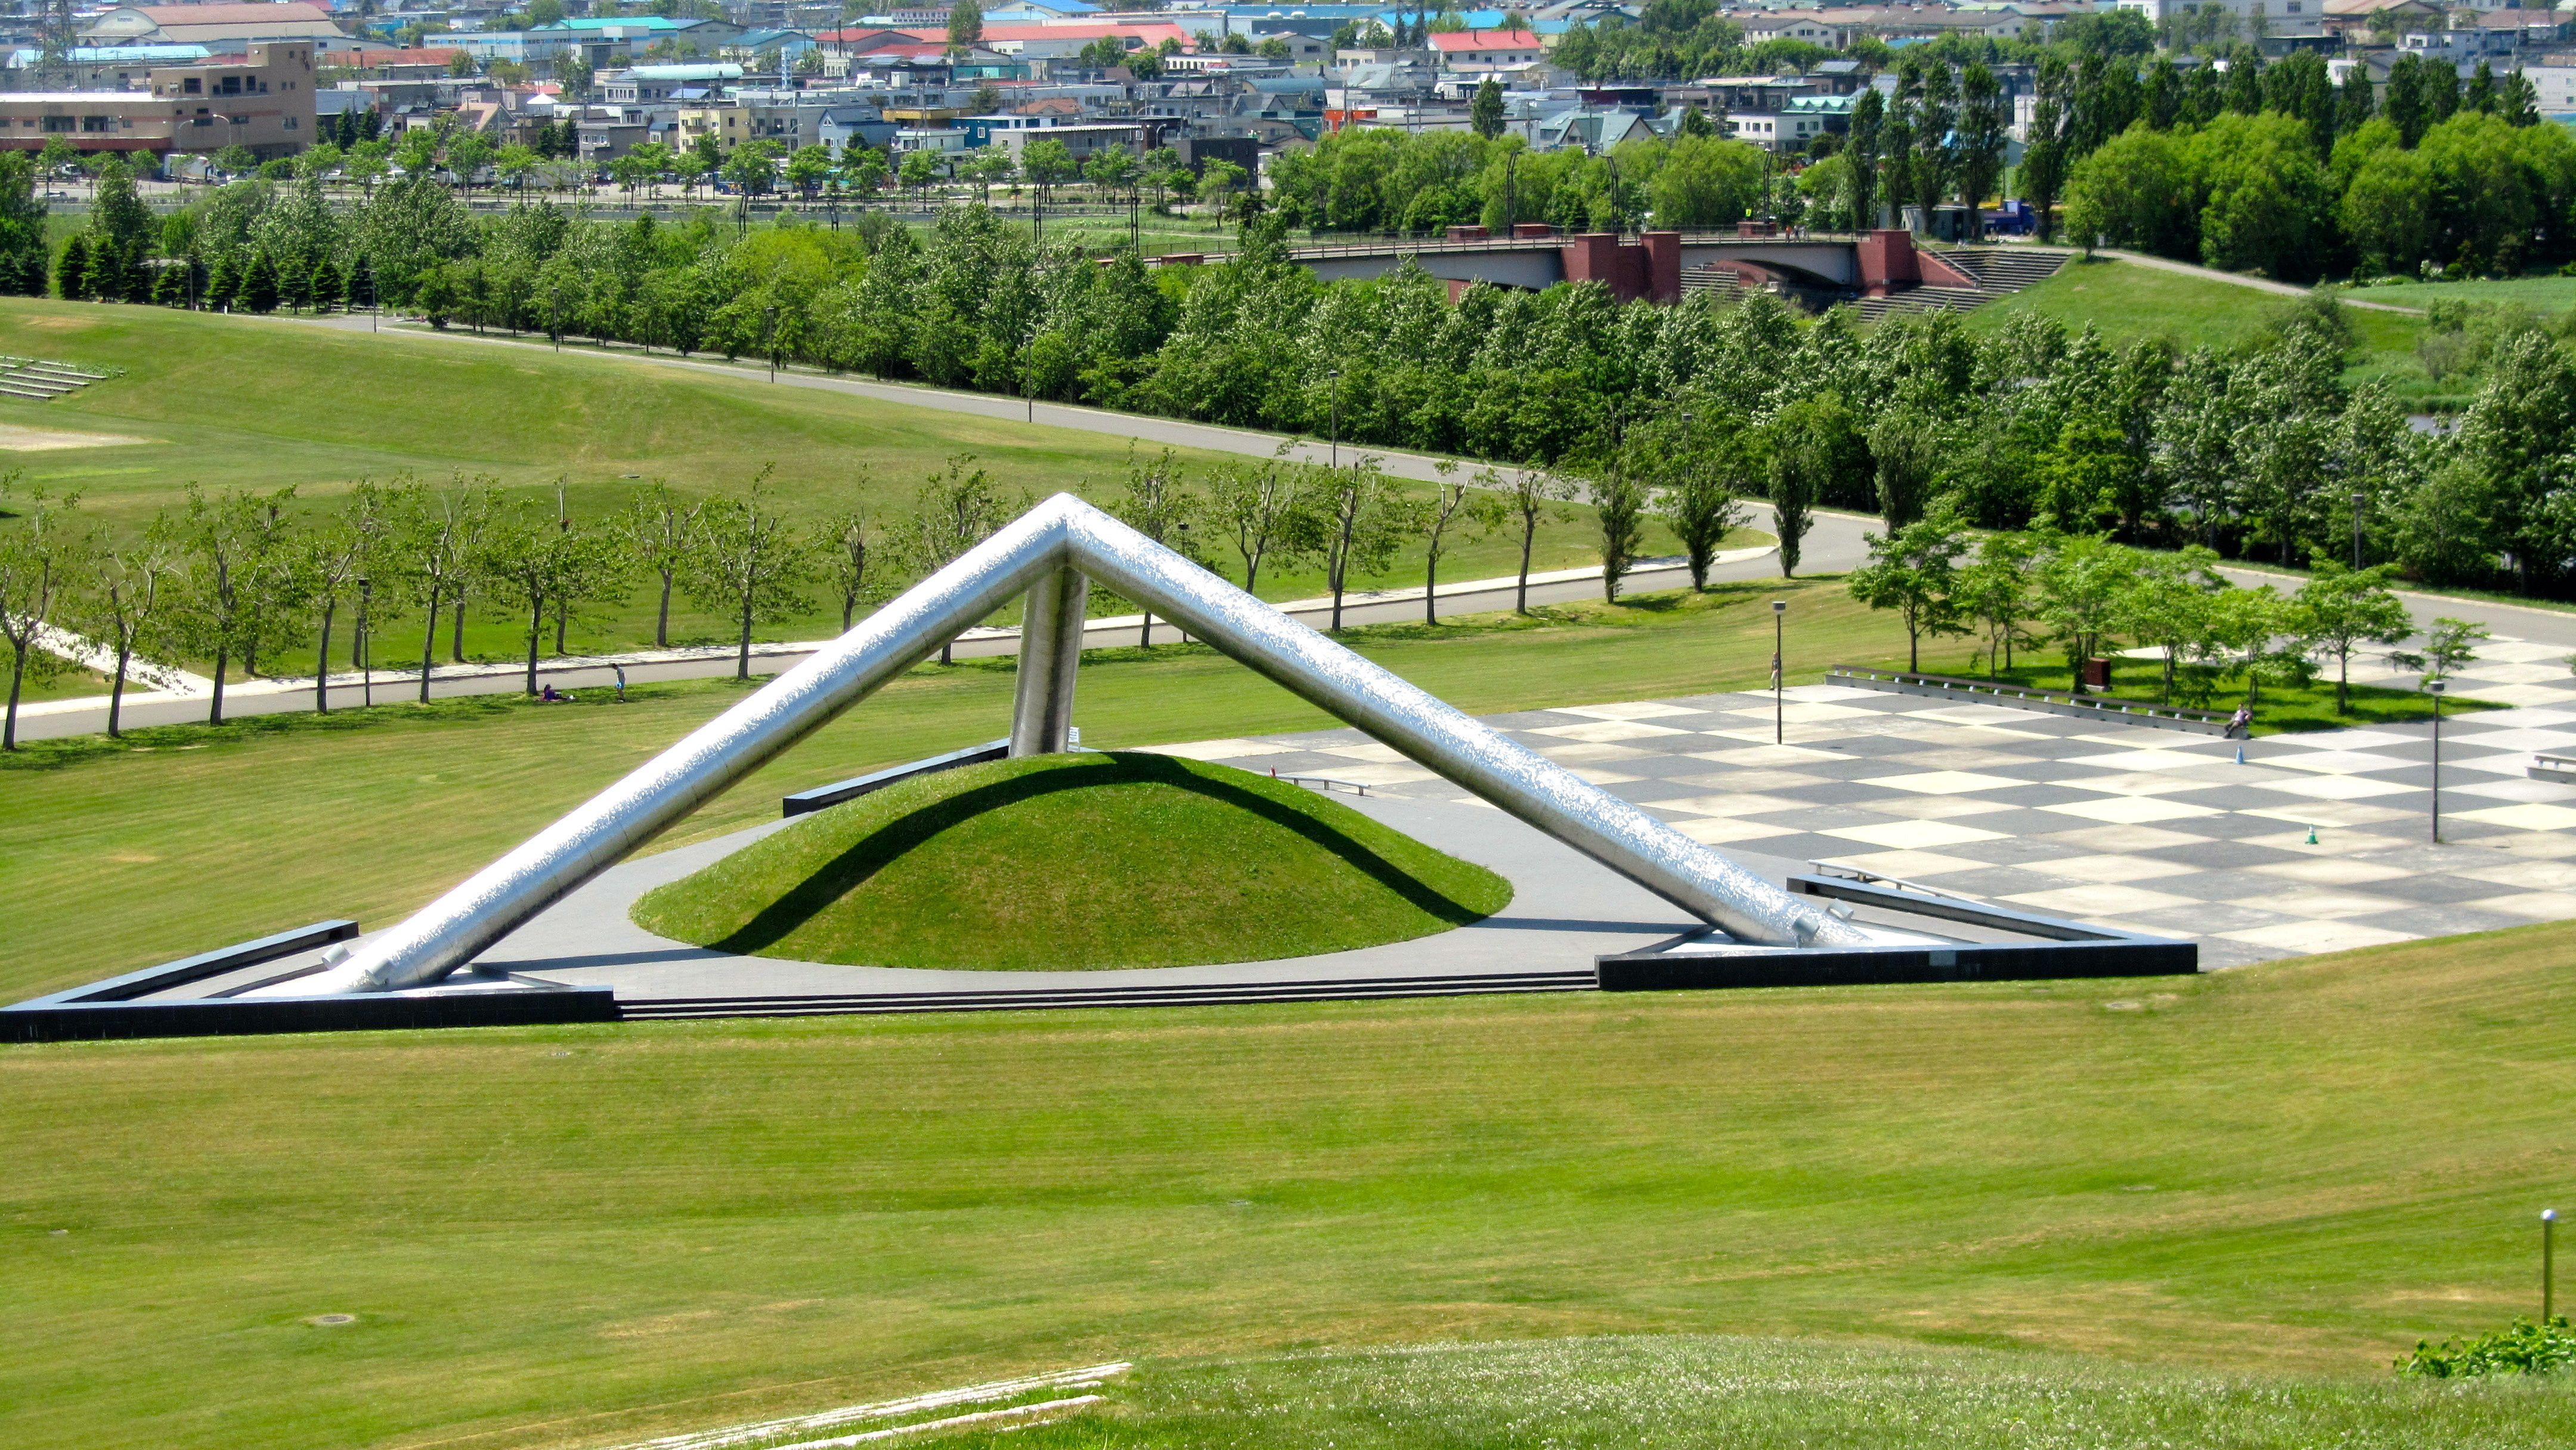 Tetra mound